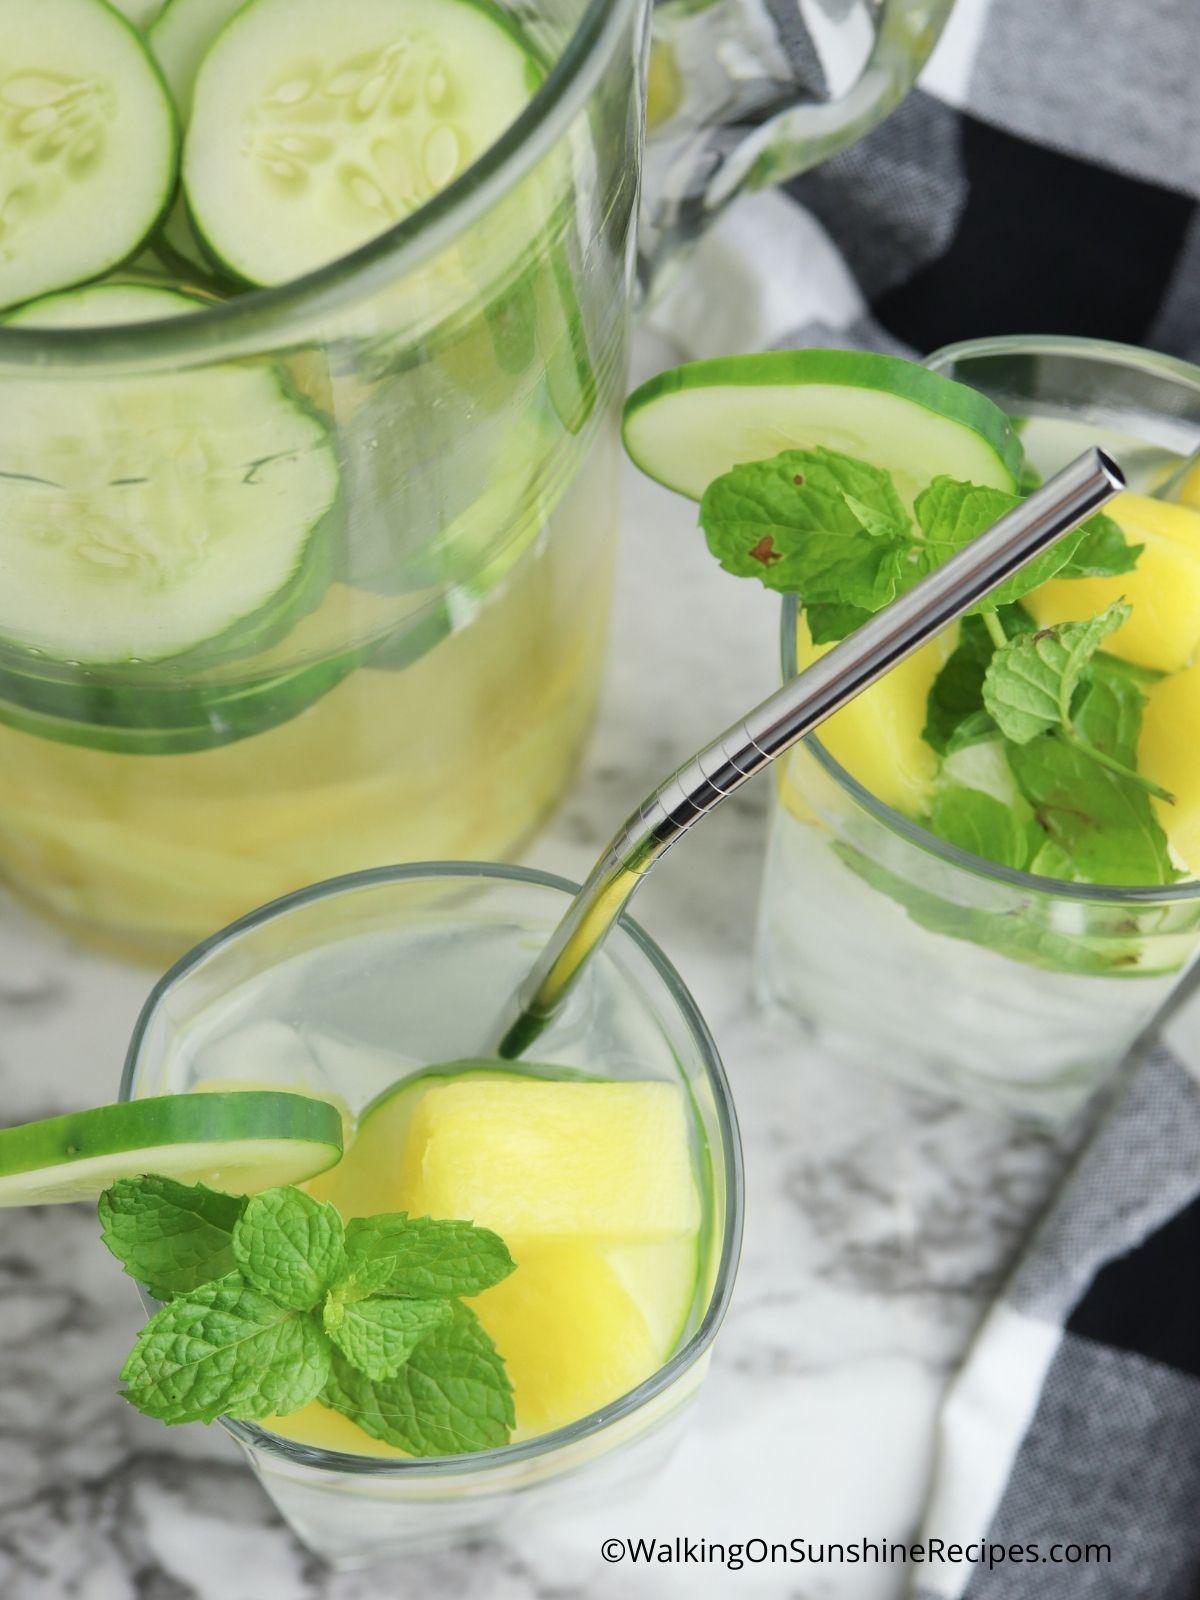 Stir ingredients together and serve.